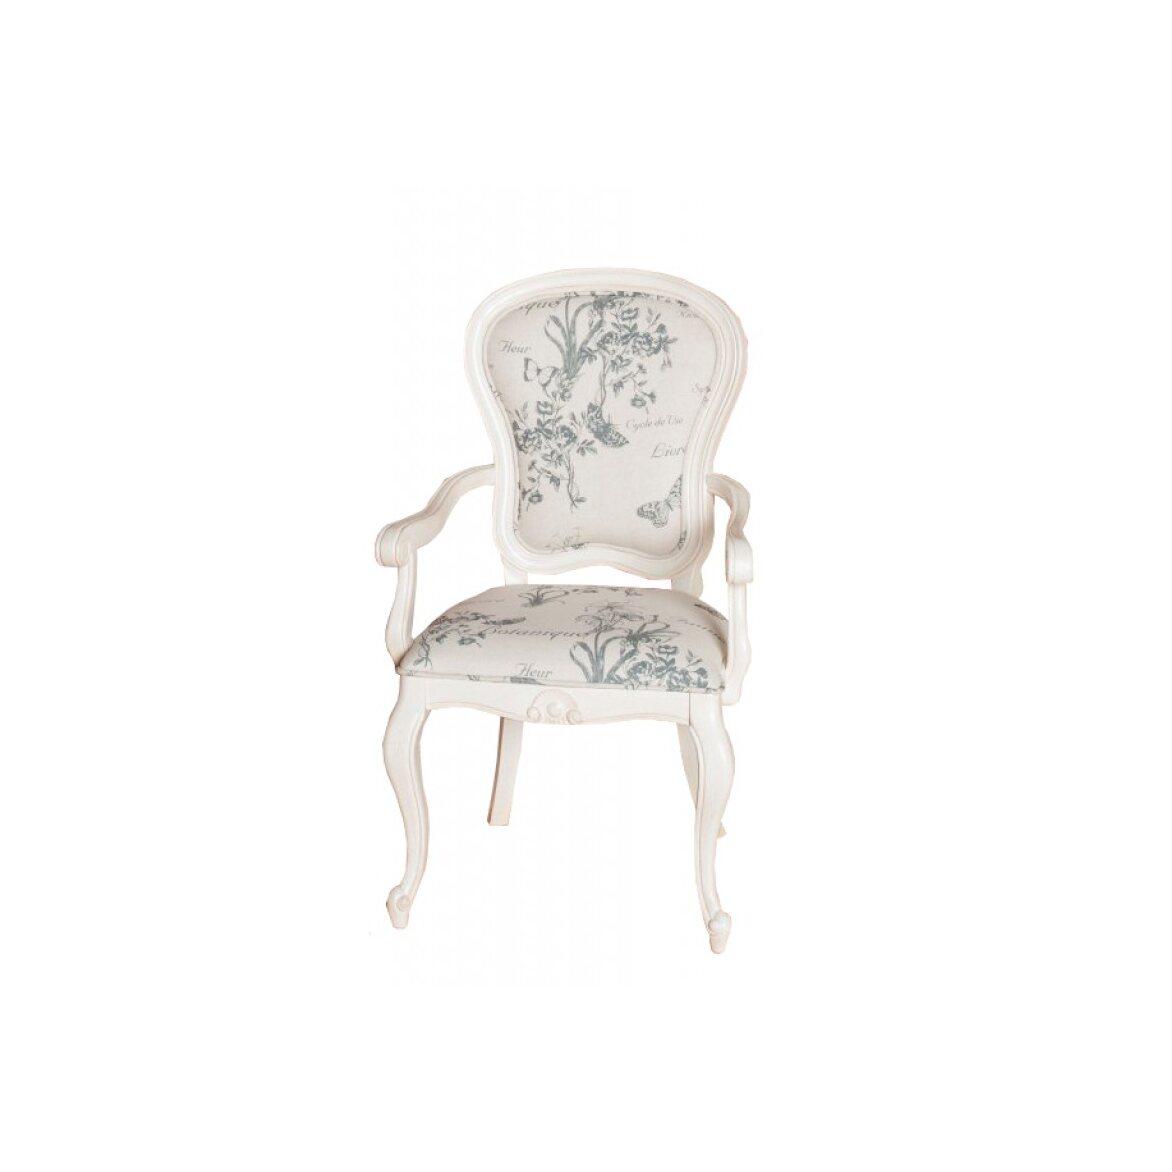 Полукресло с твердыми подлокотниками обивка с цветами Leontina, бежевого цвета 4   Кресло-стул Kingsby